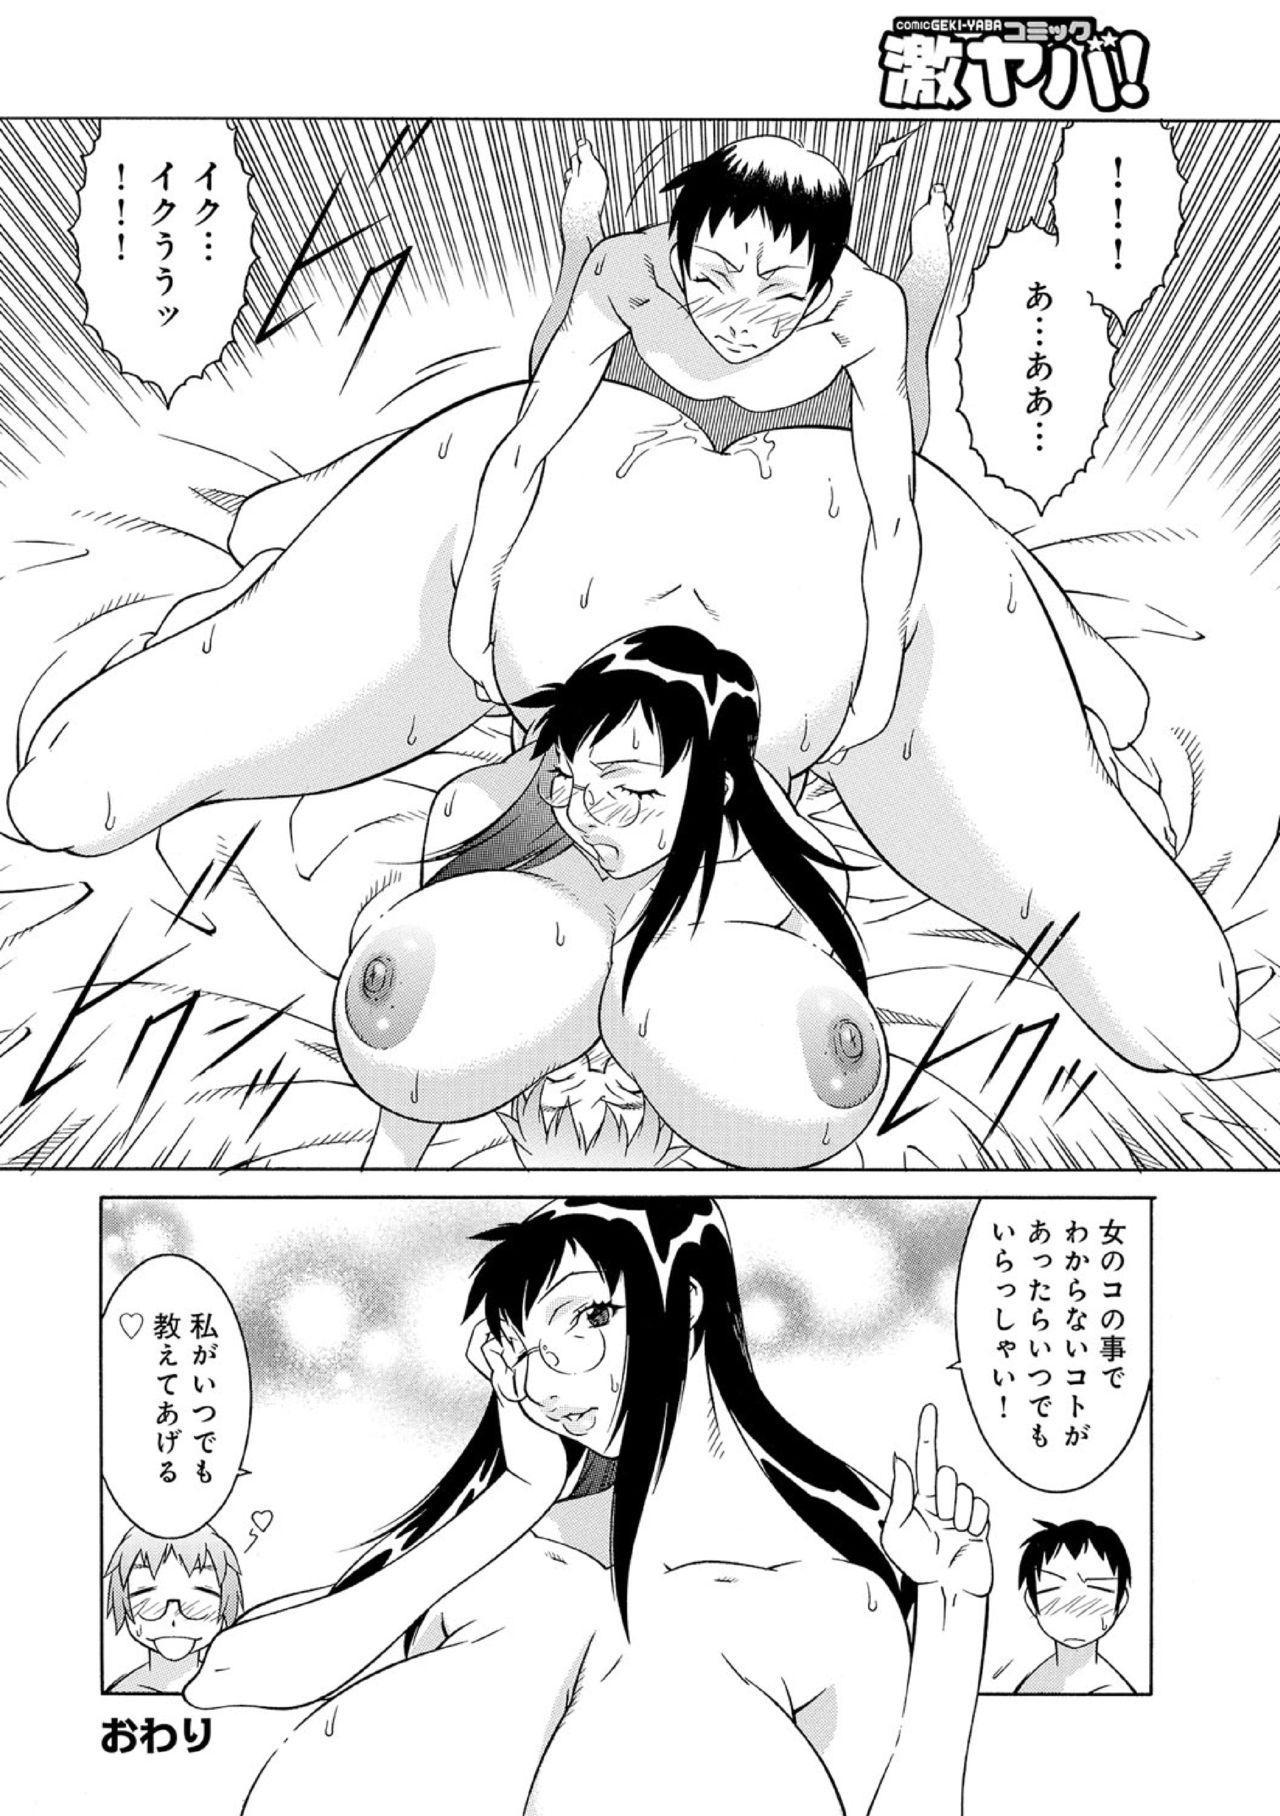 Okaa-san wa Ero Mangaka 02 17